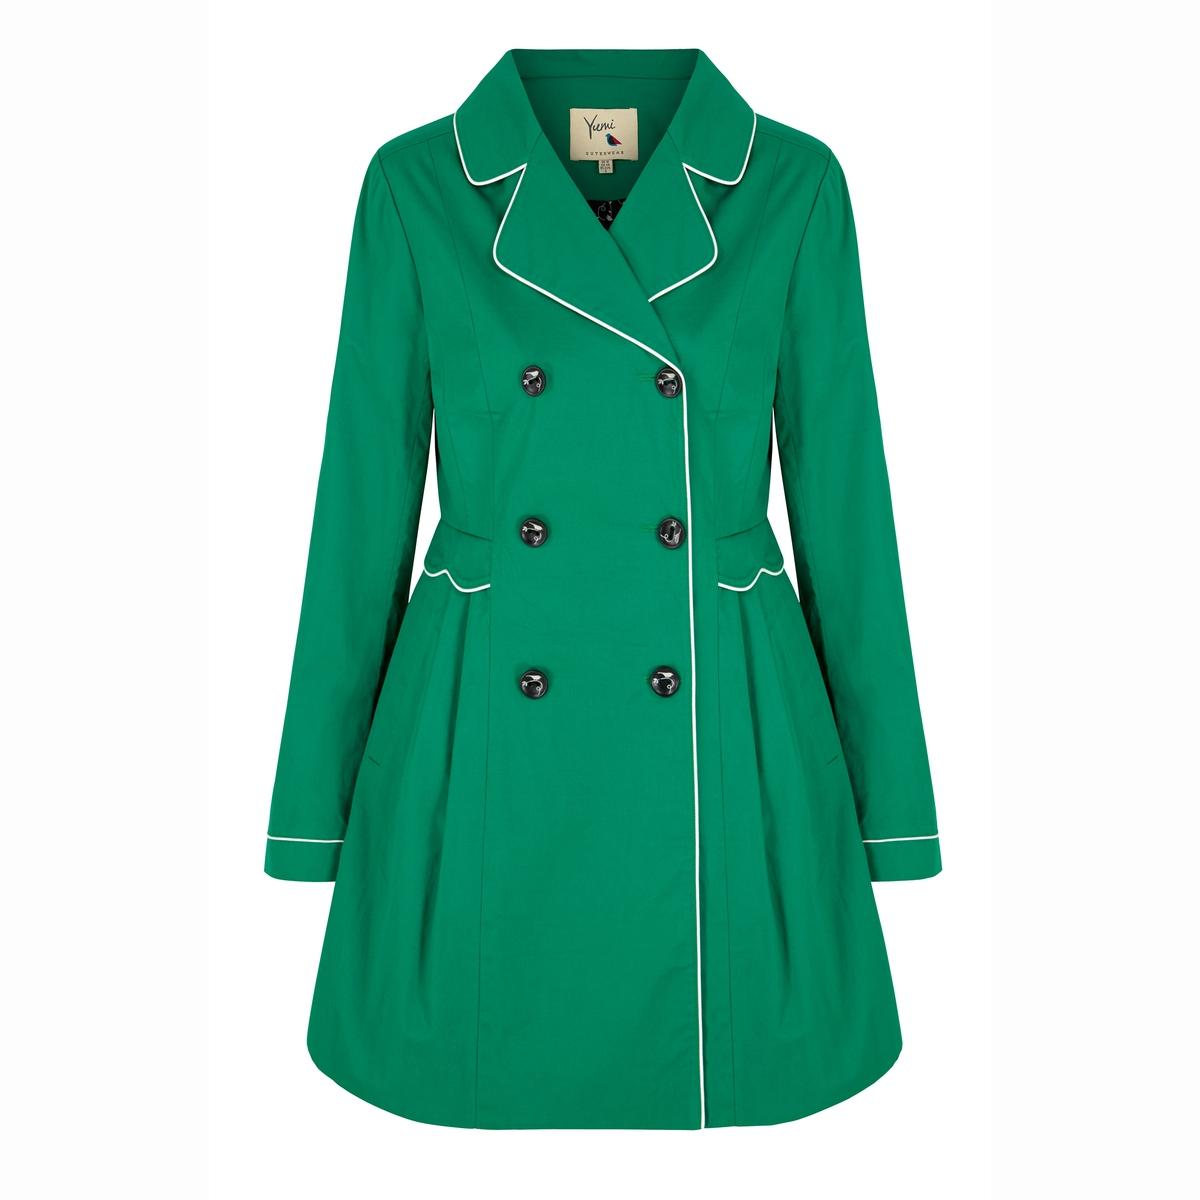 Пальто-тренч водонепроницаемое однотонного цвета платье yumi yumi платье